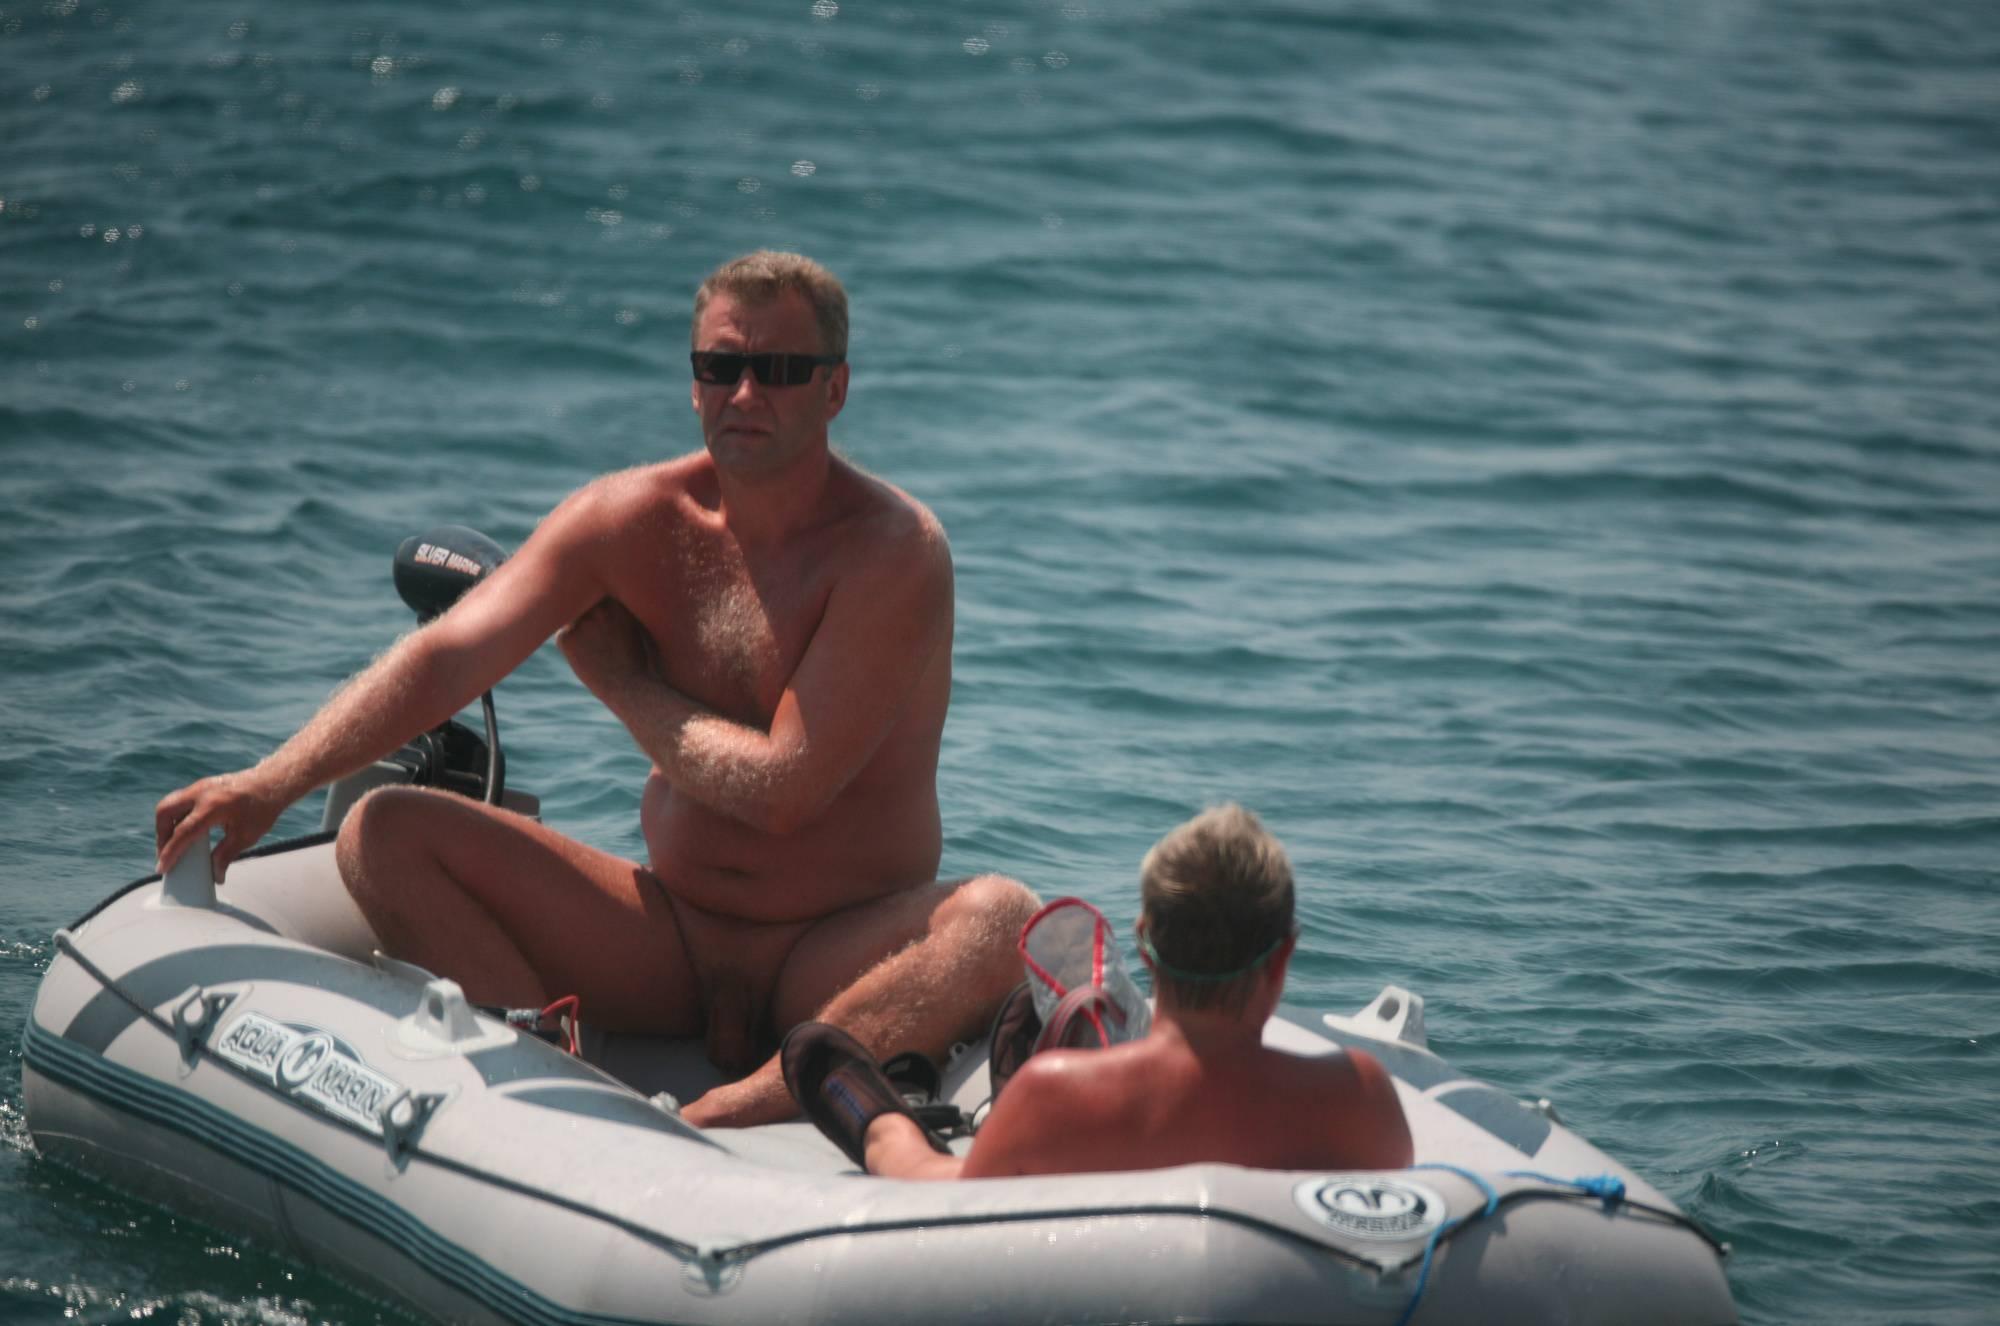 Pure Nudism-Cove FKK Lake Activities - 2